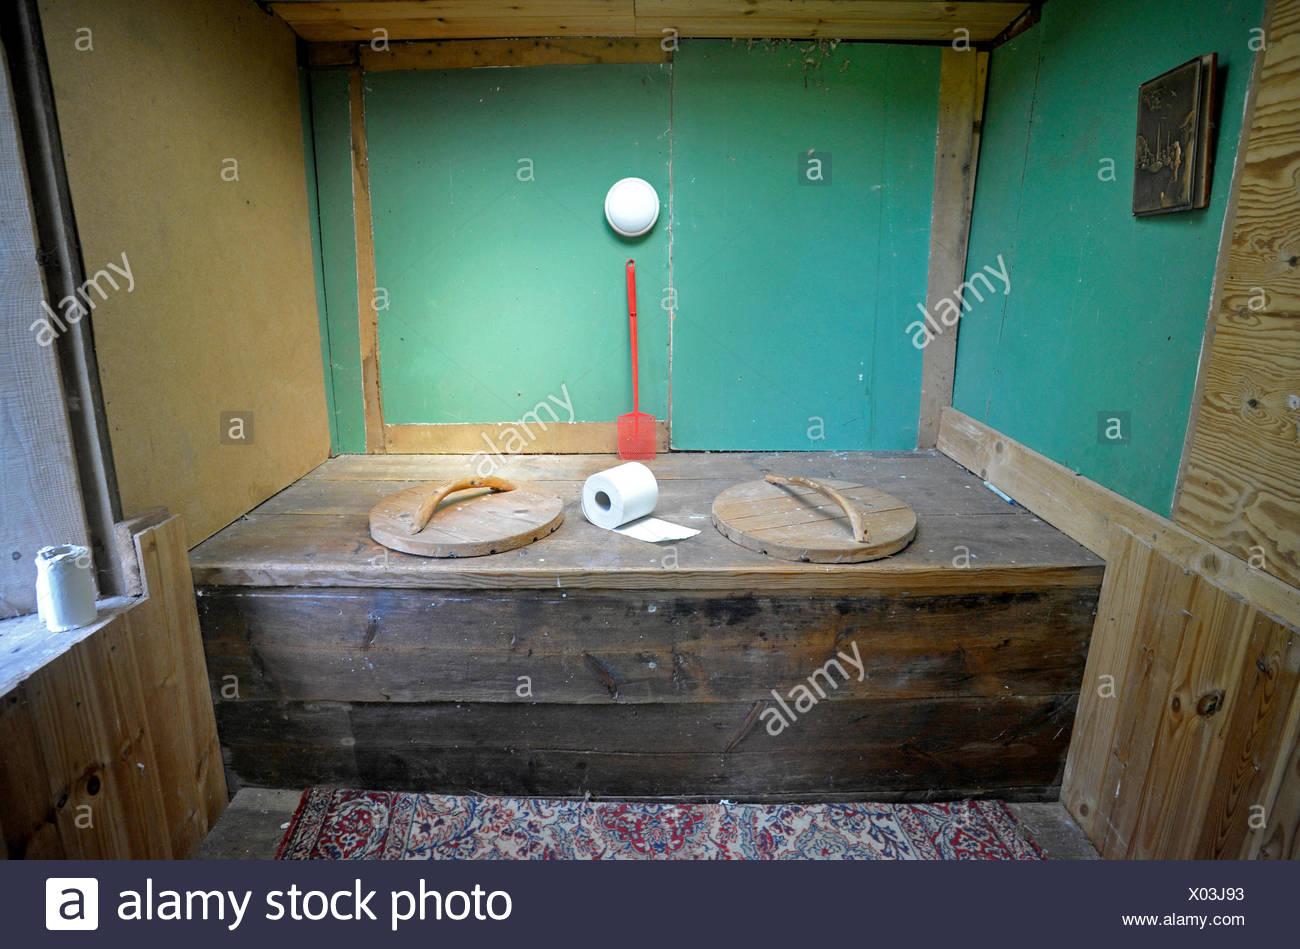 Toilette Zweisamkeit Hygiene Romantik Toilette Zweisamkeit Hygiene Durchfall Stockbild